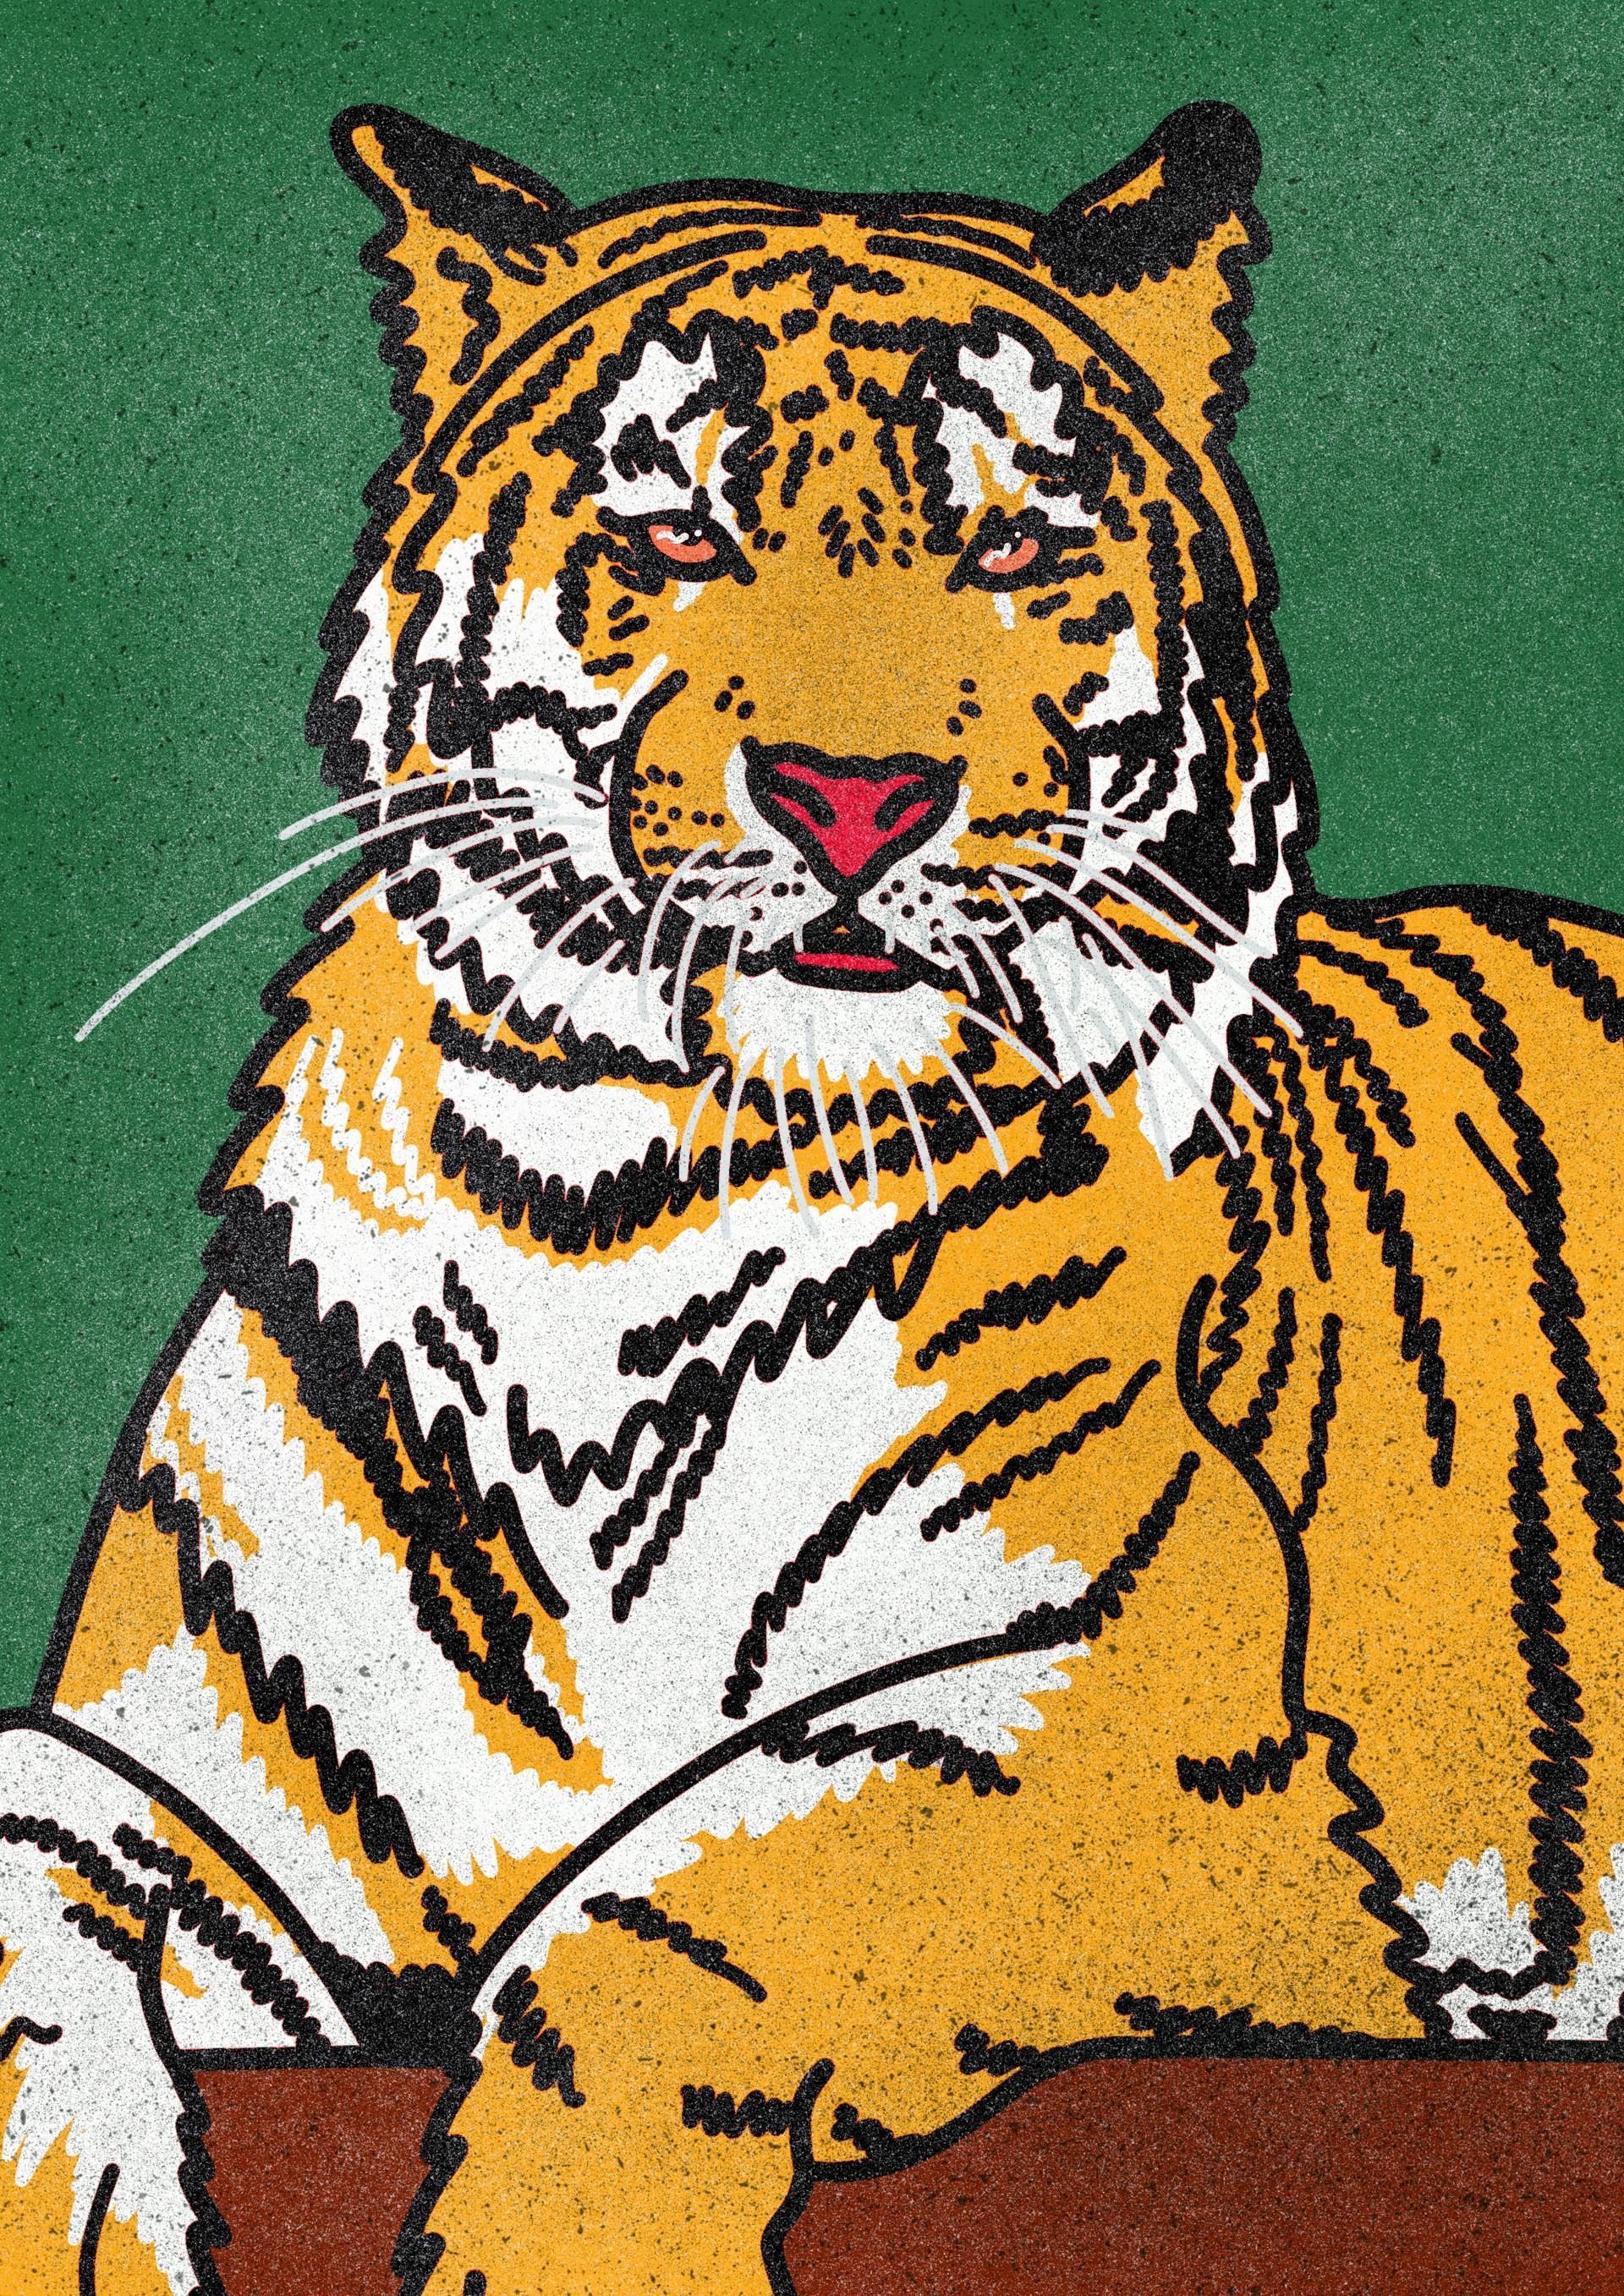 Tiger King illustration